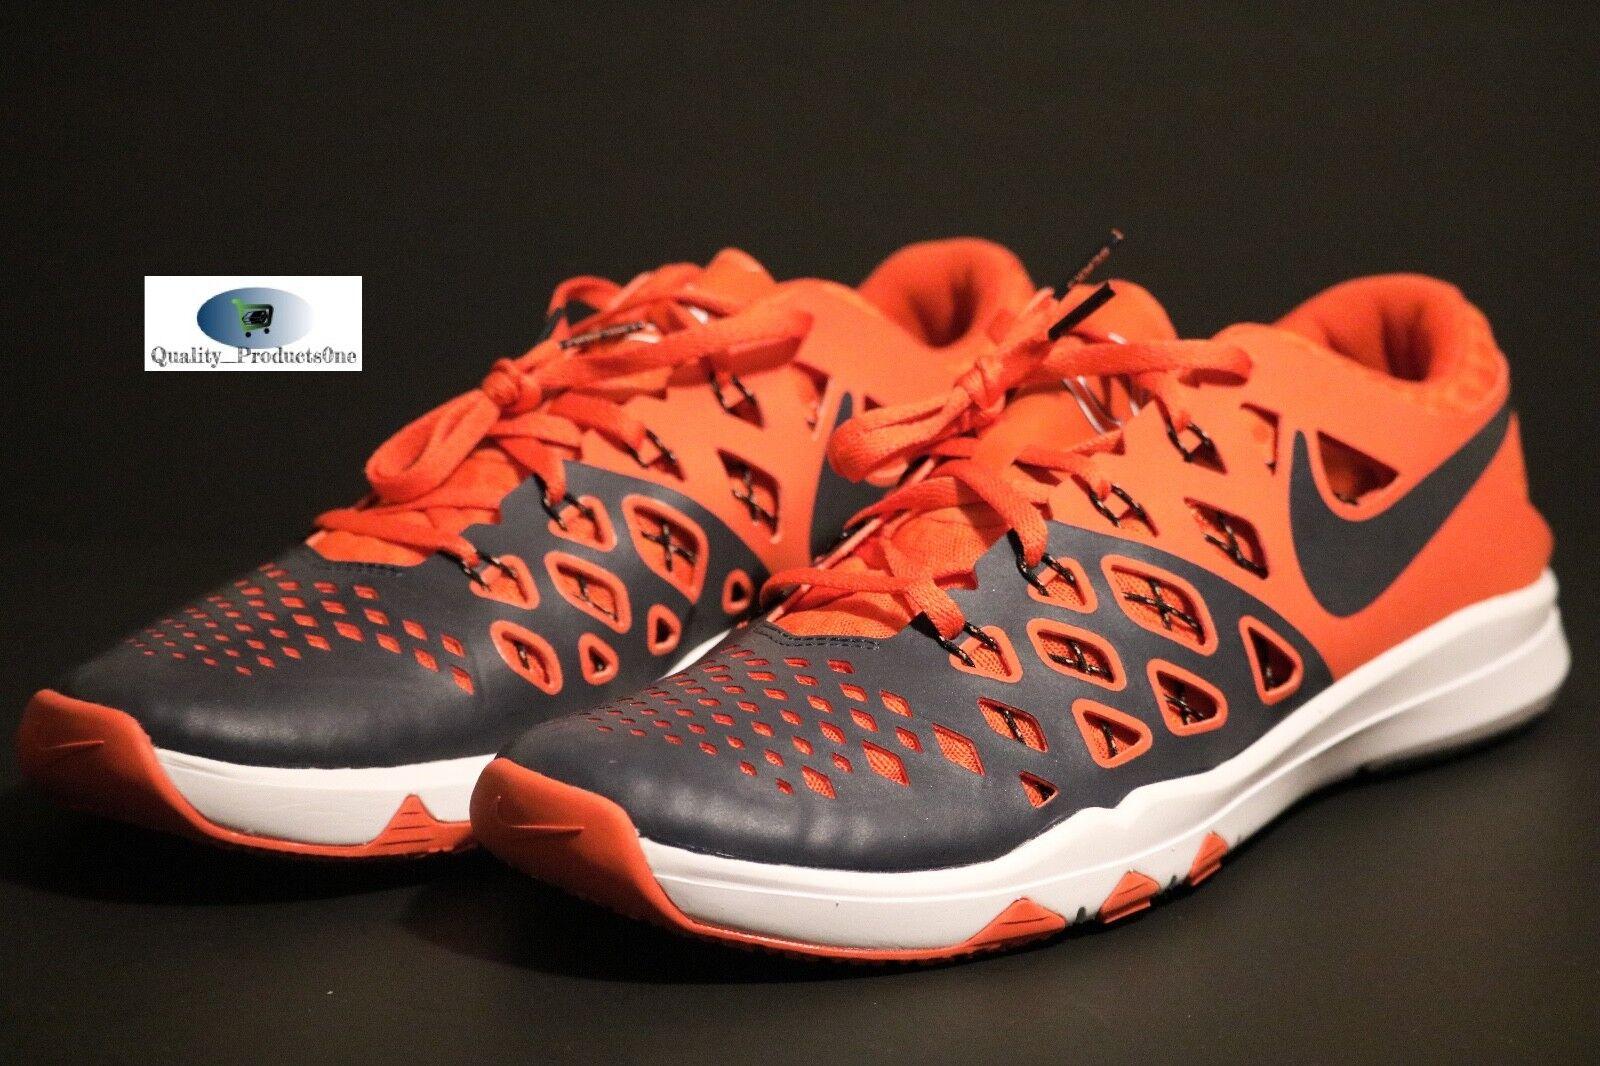 NEW NIKE MENS TRAIN SPEED 4 AMP DENVER BRONCOS NFL SHOES 848587 412 Sz 10  Cheap women's shoes women's shoes